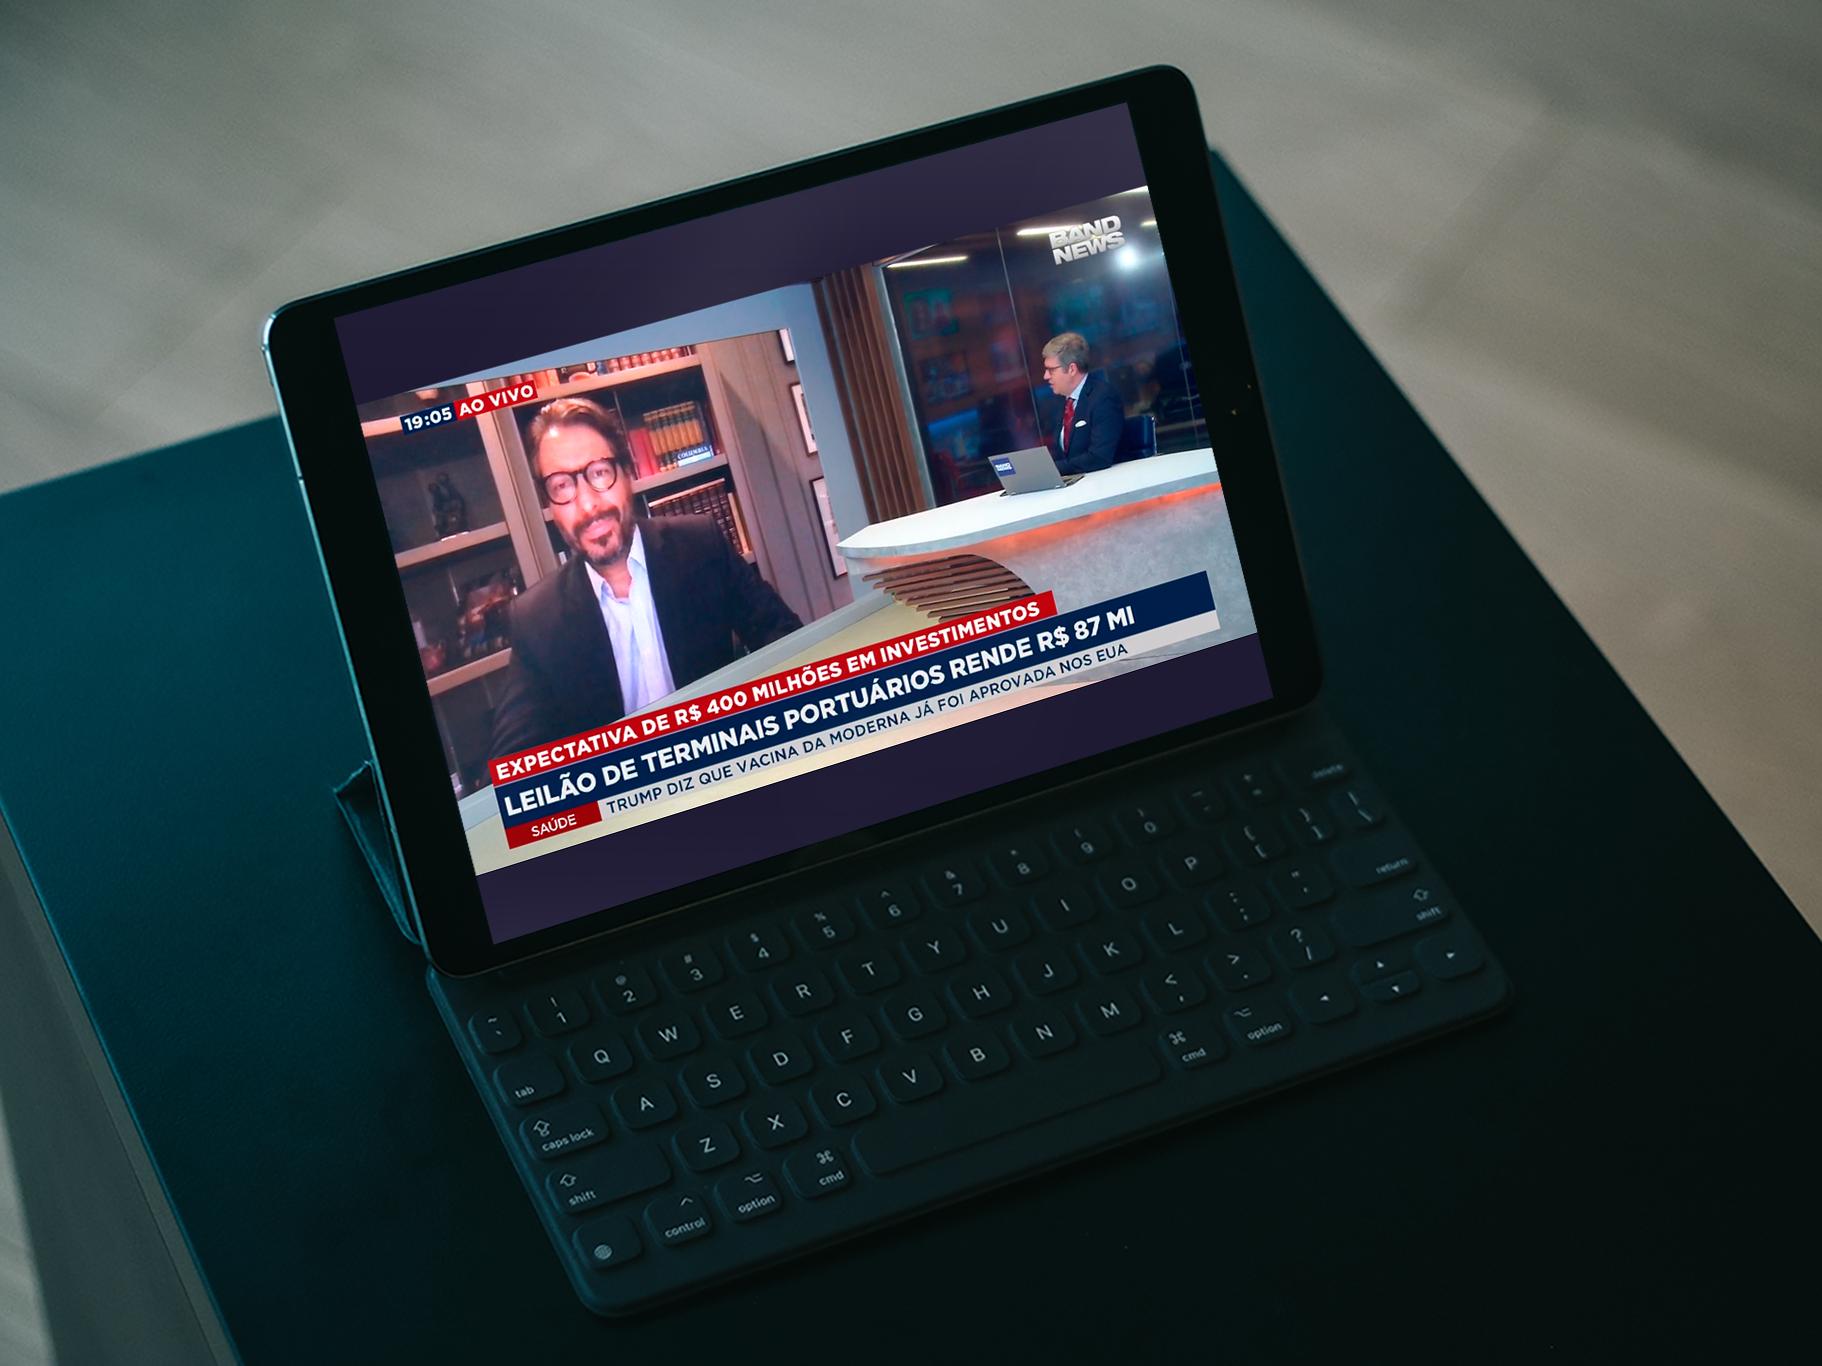 Na BandNews TV, Fernando Vernalha comenta sobre as expectativas em torno do leilão dos terminais portuários